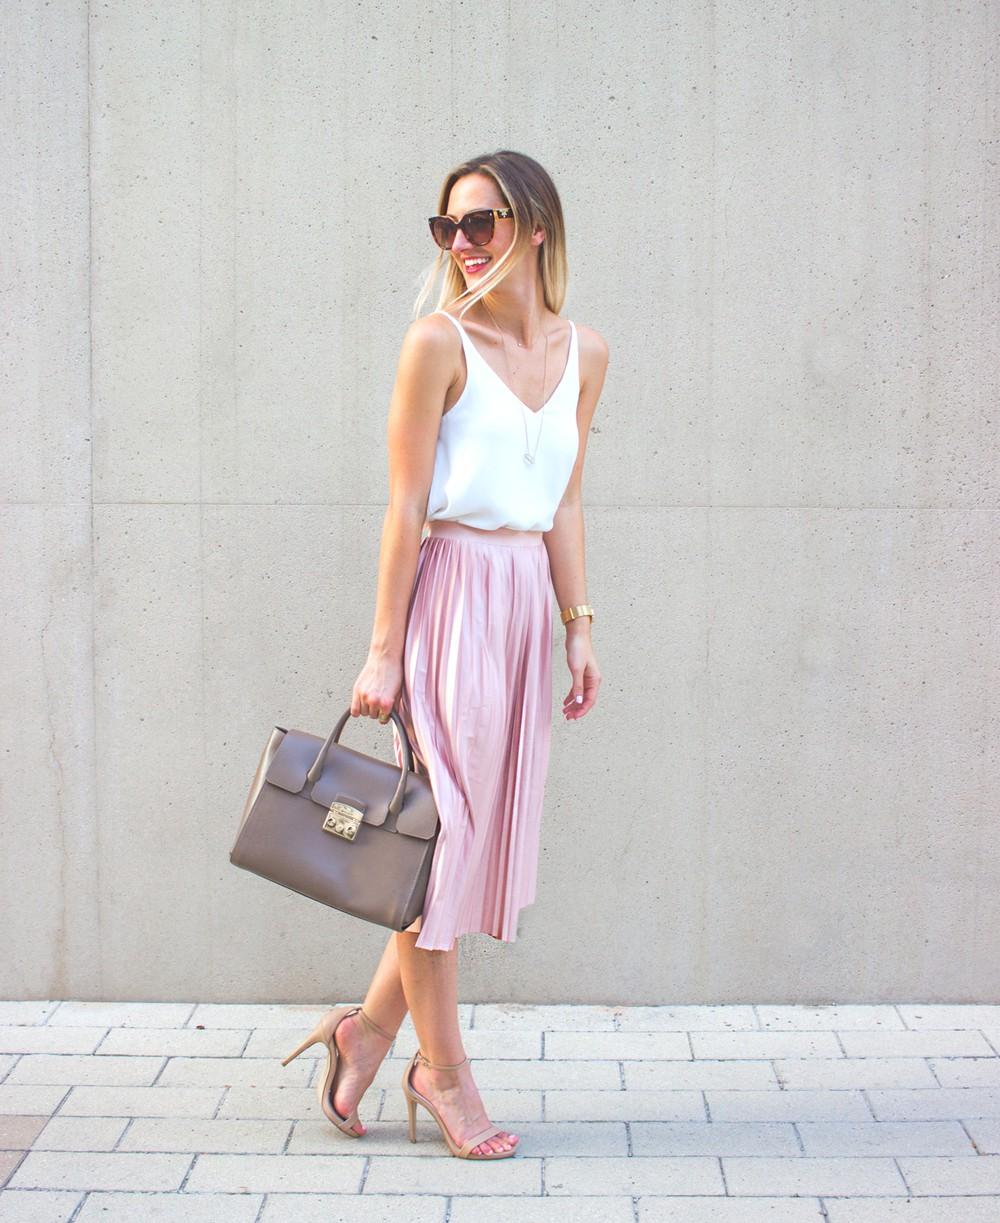 thời trang mùa hè chân váy màu hồng và áo trắng